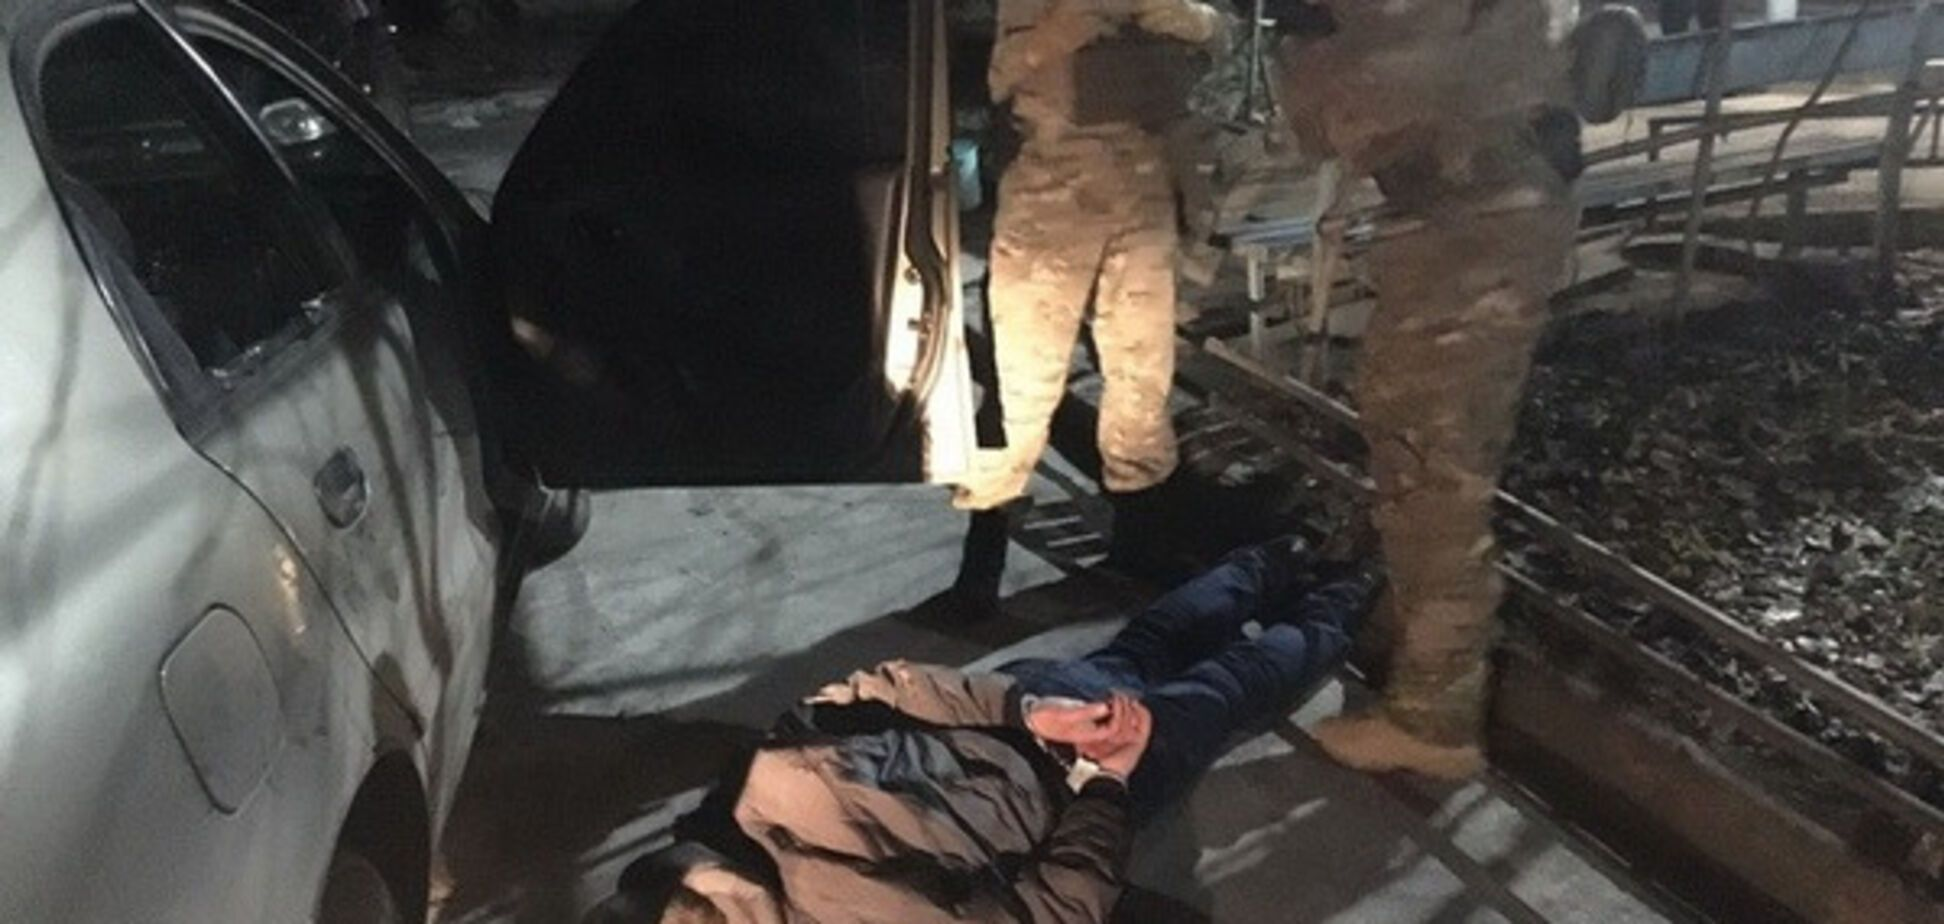 В Запорожье на торговле наркотиками попались офицеры местного уголовного розыска (ВИДЕО, ФОТО)